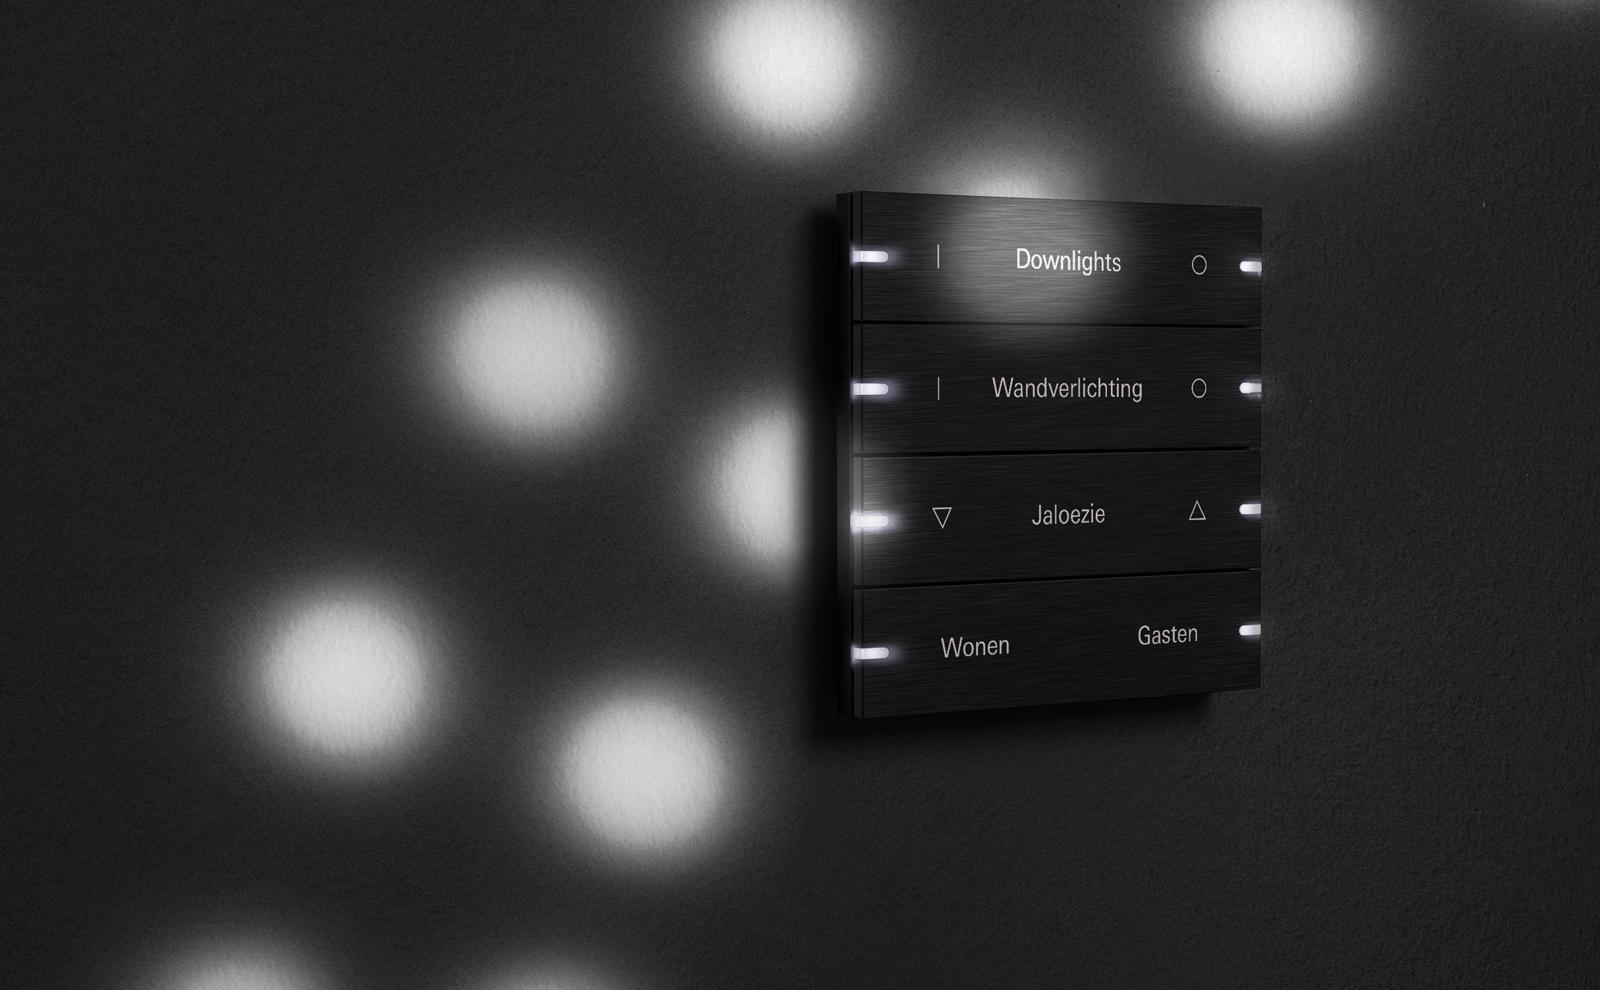 Gira tastsensor 4 in zwart met lichtreflecties